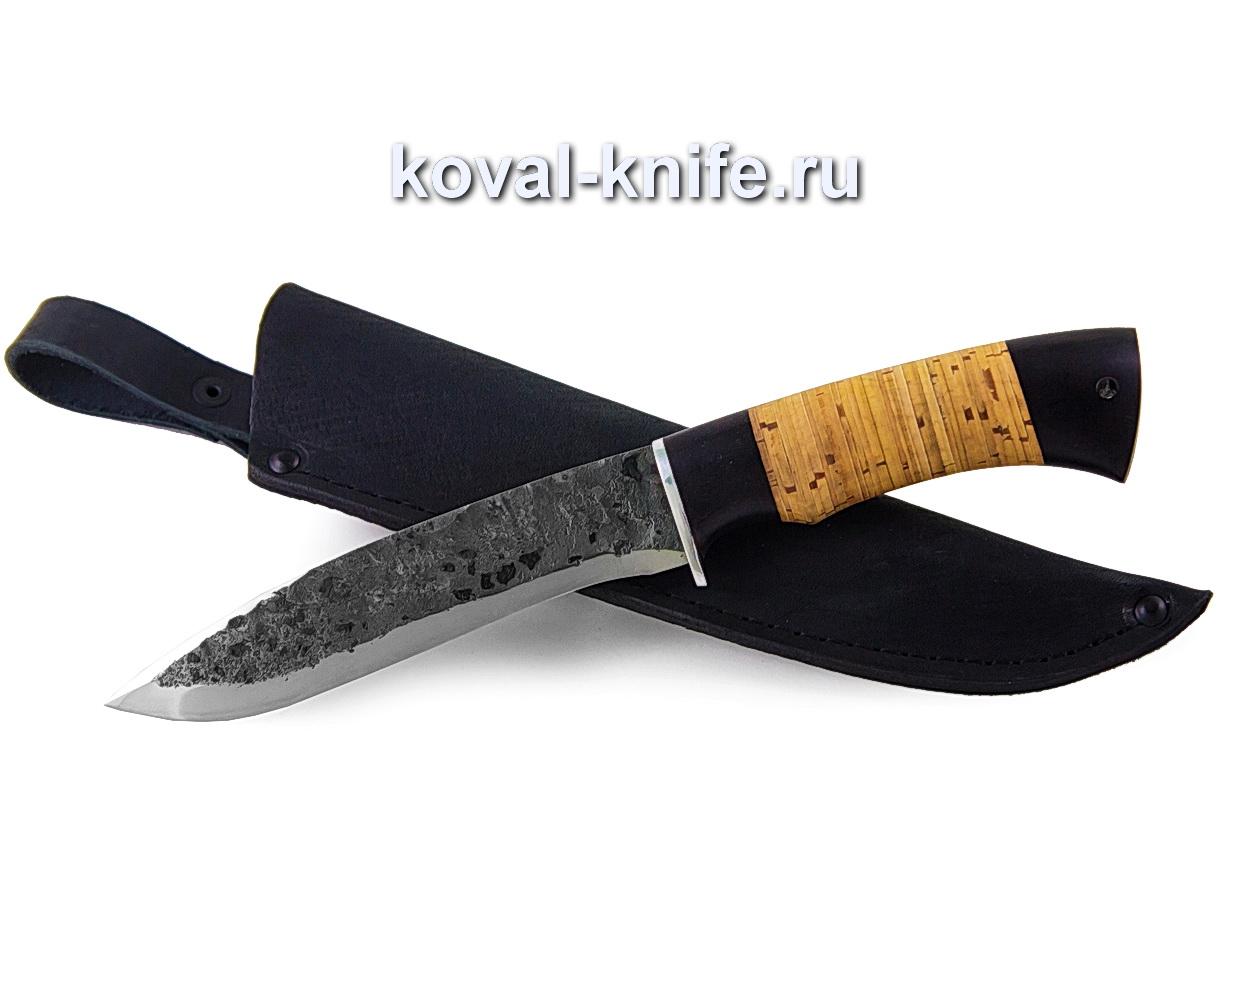 Нож Олимп из кованой стали 9хс (рукоять береста и граб) A372